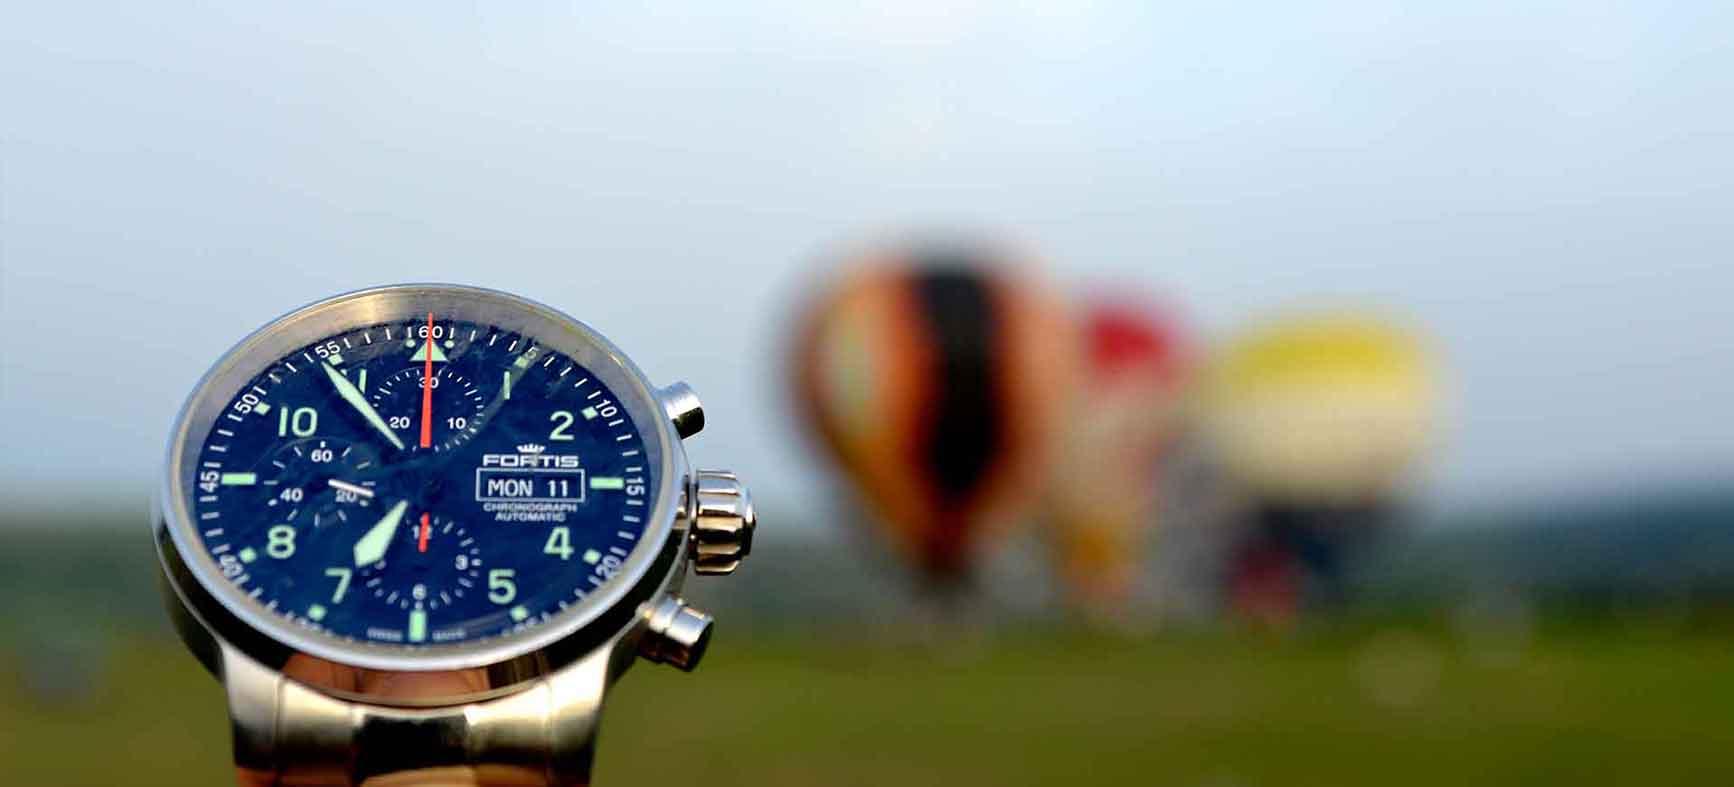 Fortis Swiss Watch hot air balloons